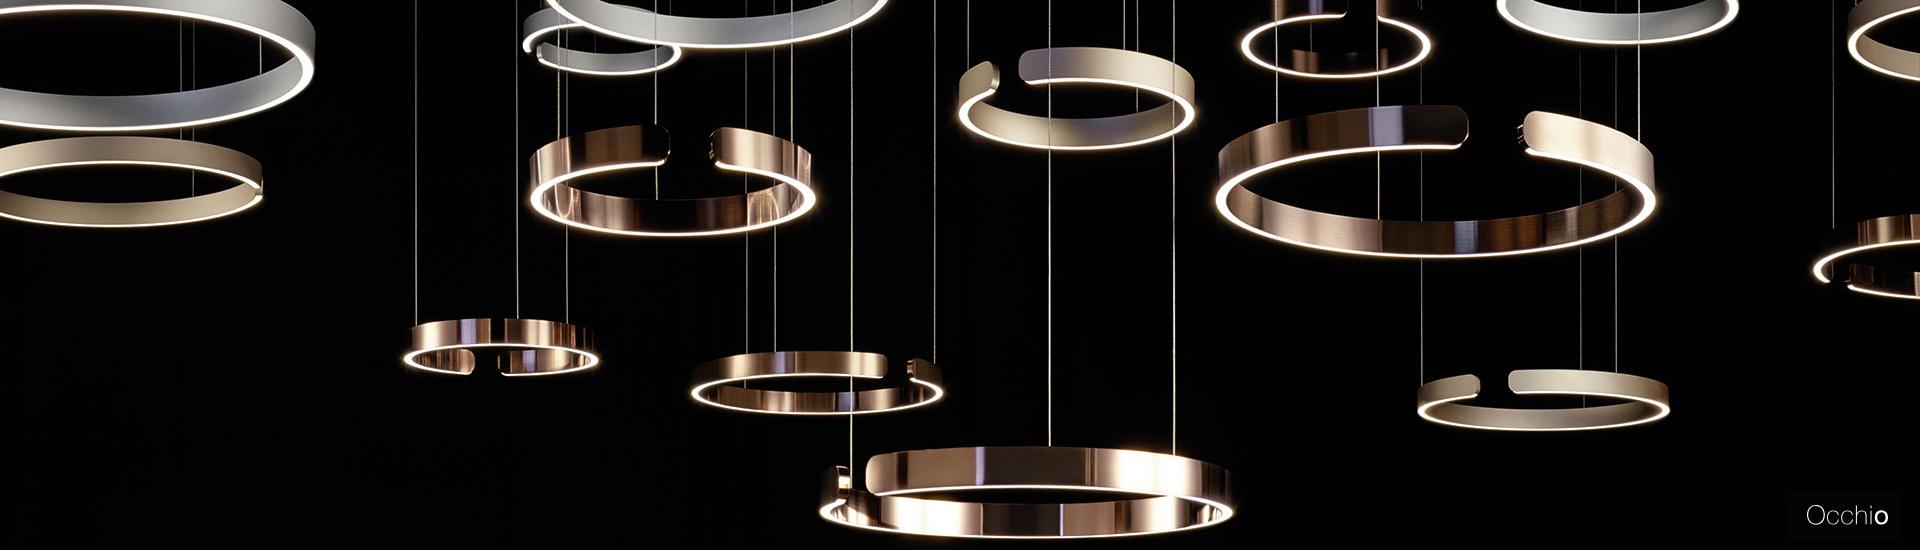 Occhio belysning og lamper - køb online med professionel vejledning